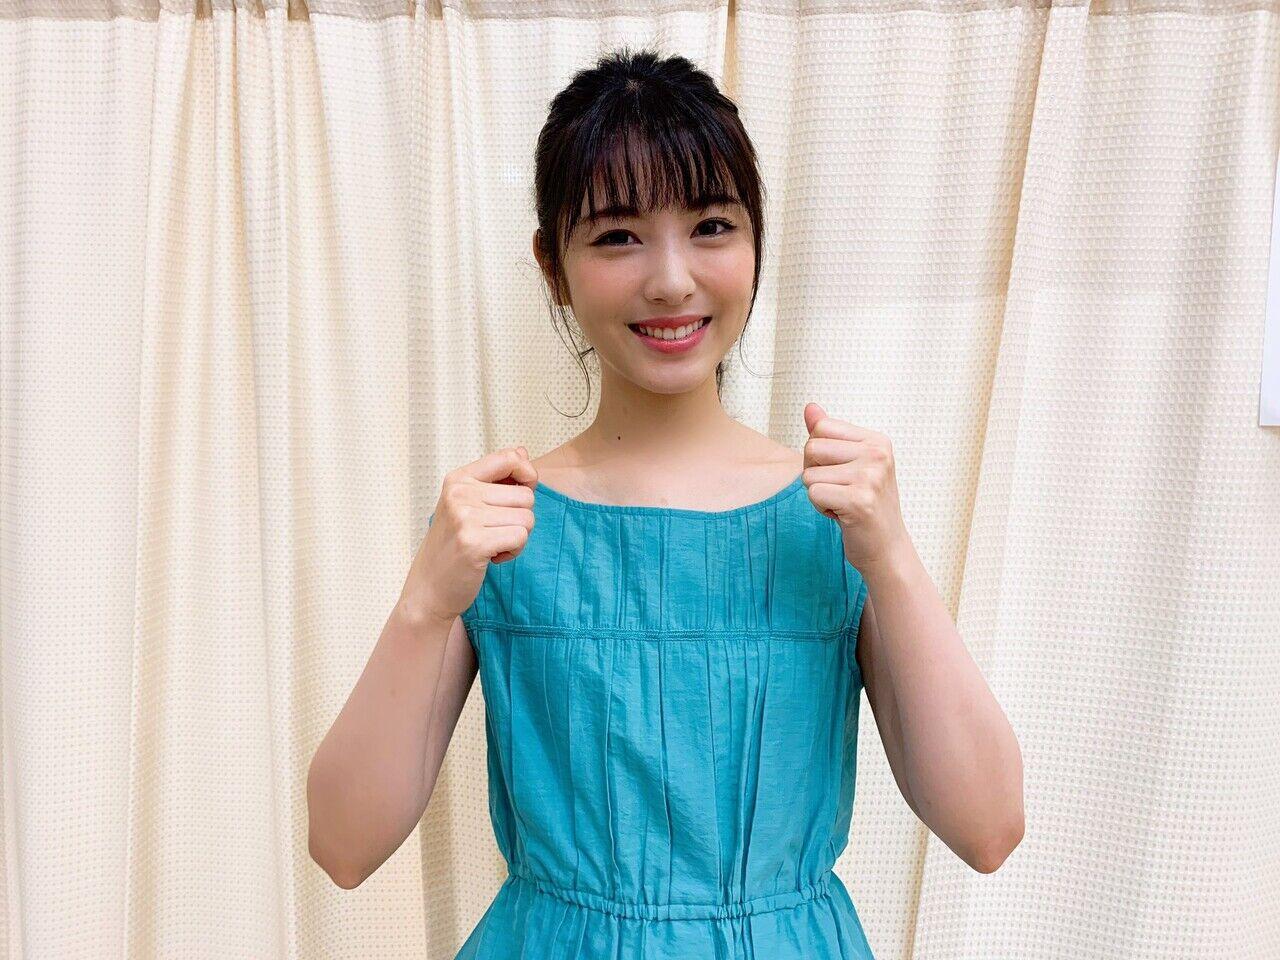 【画像】浜辺美波さん、可愛いワンピース姿を披露!